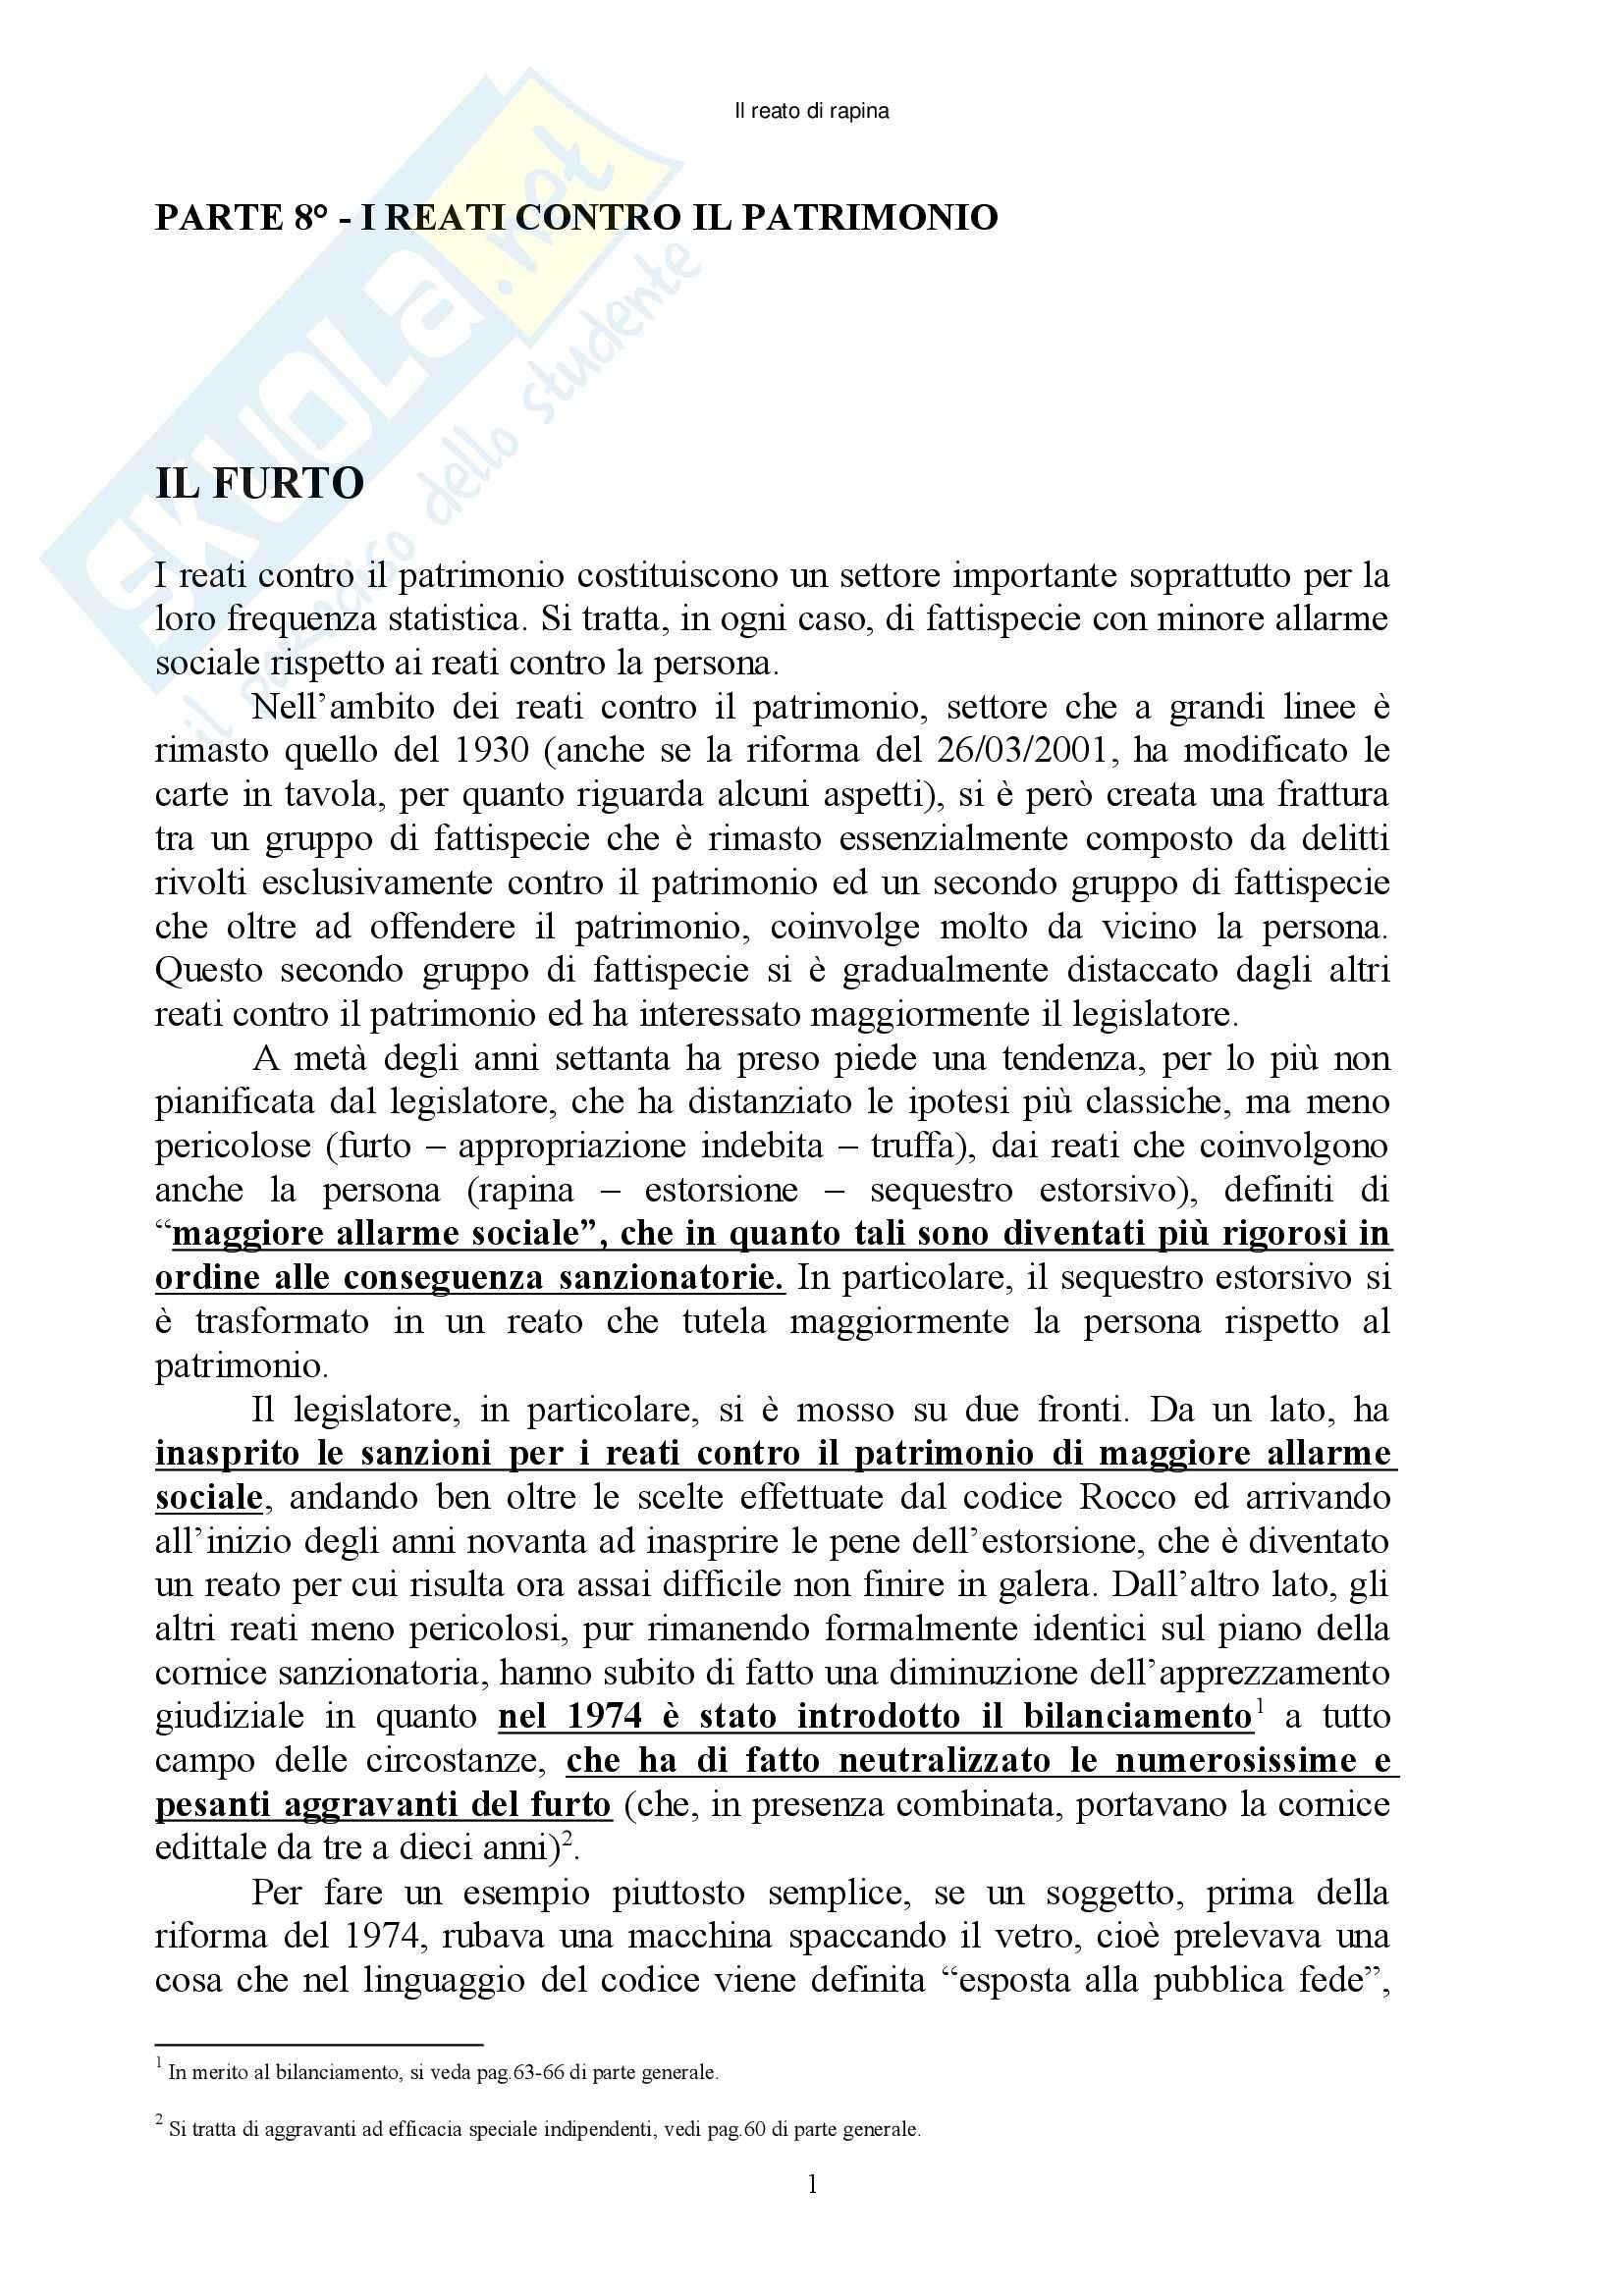 Diritto penale - reati contro il patrimonio - Appunti